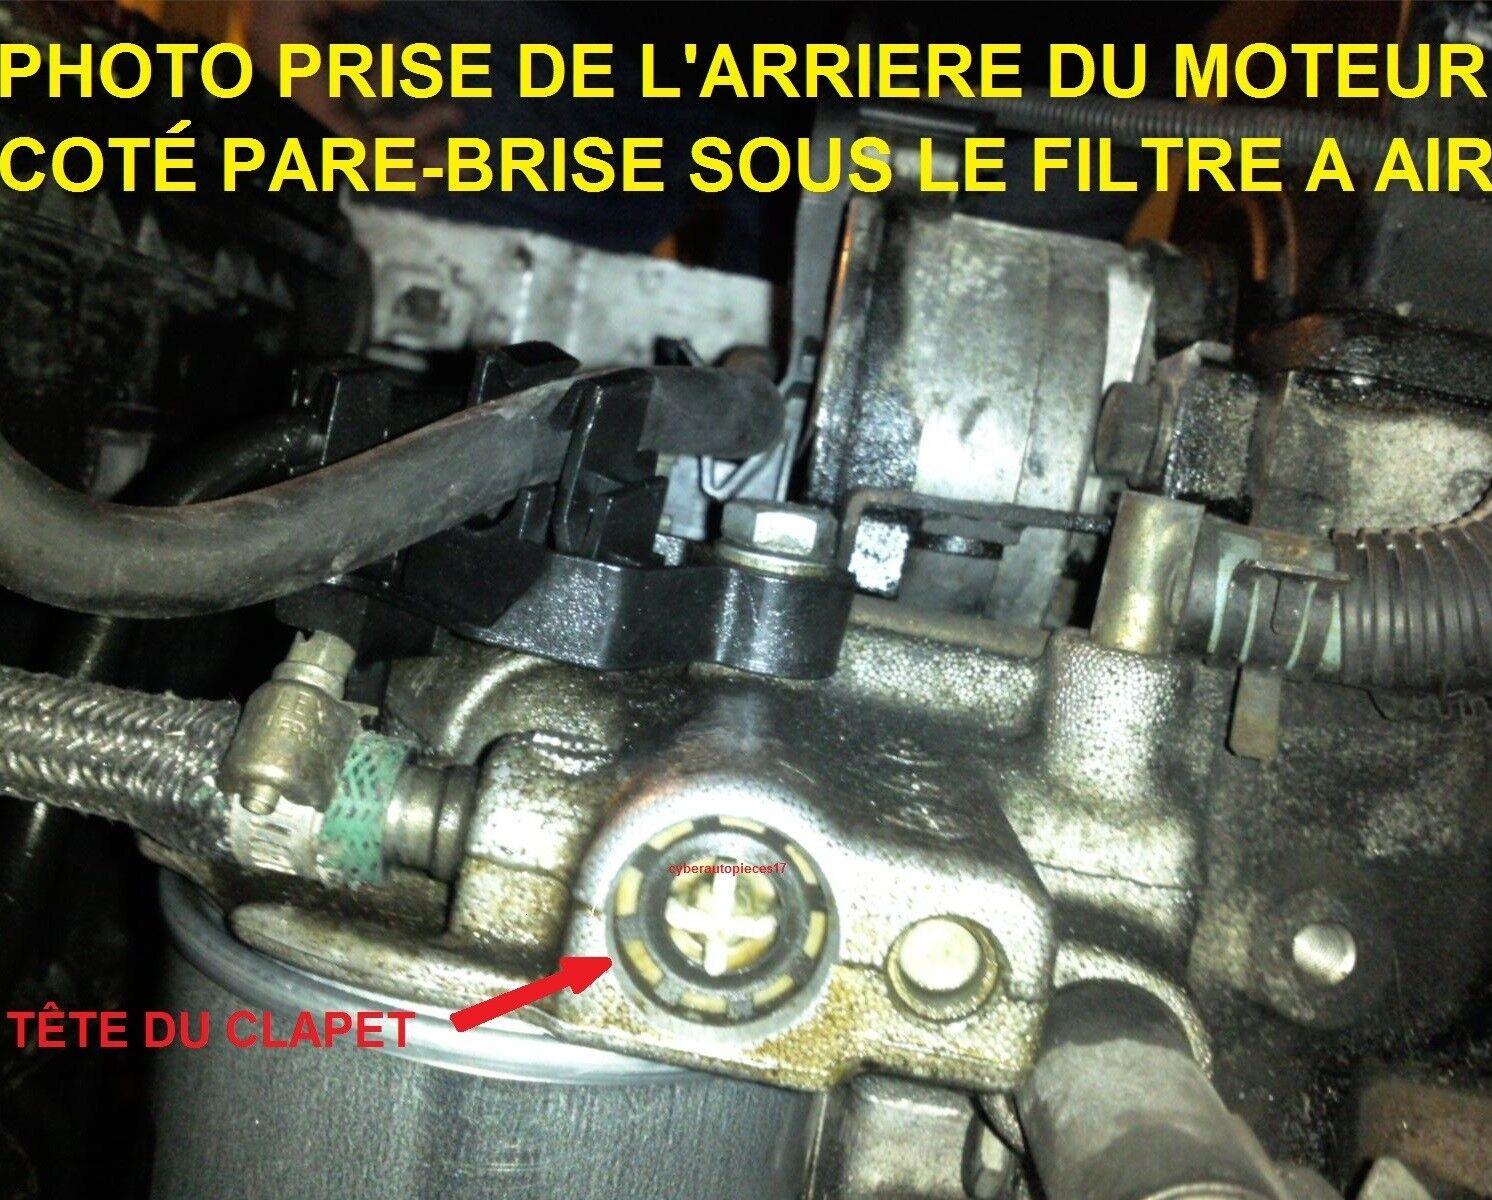 CLIPS REPARATION DE PANNE SUPPORT FILTRE A GAZOIL  106 1,5 D TUD5* KIT JOINT